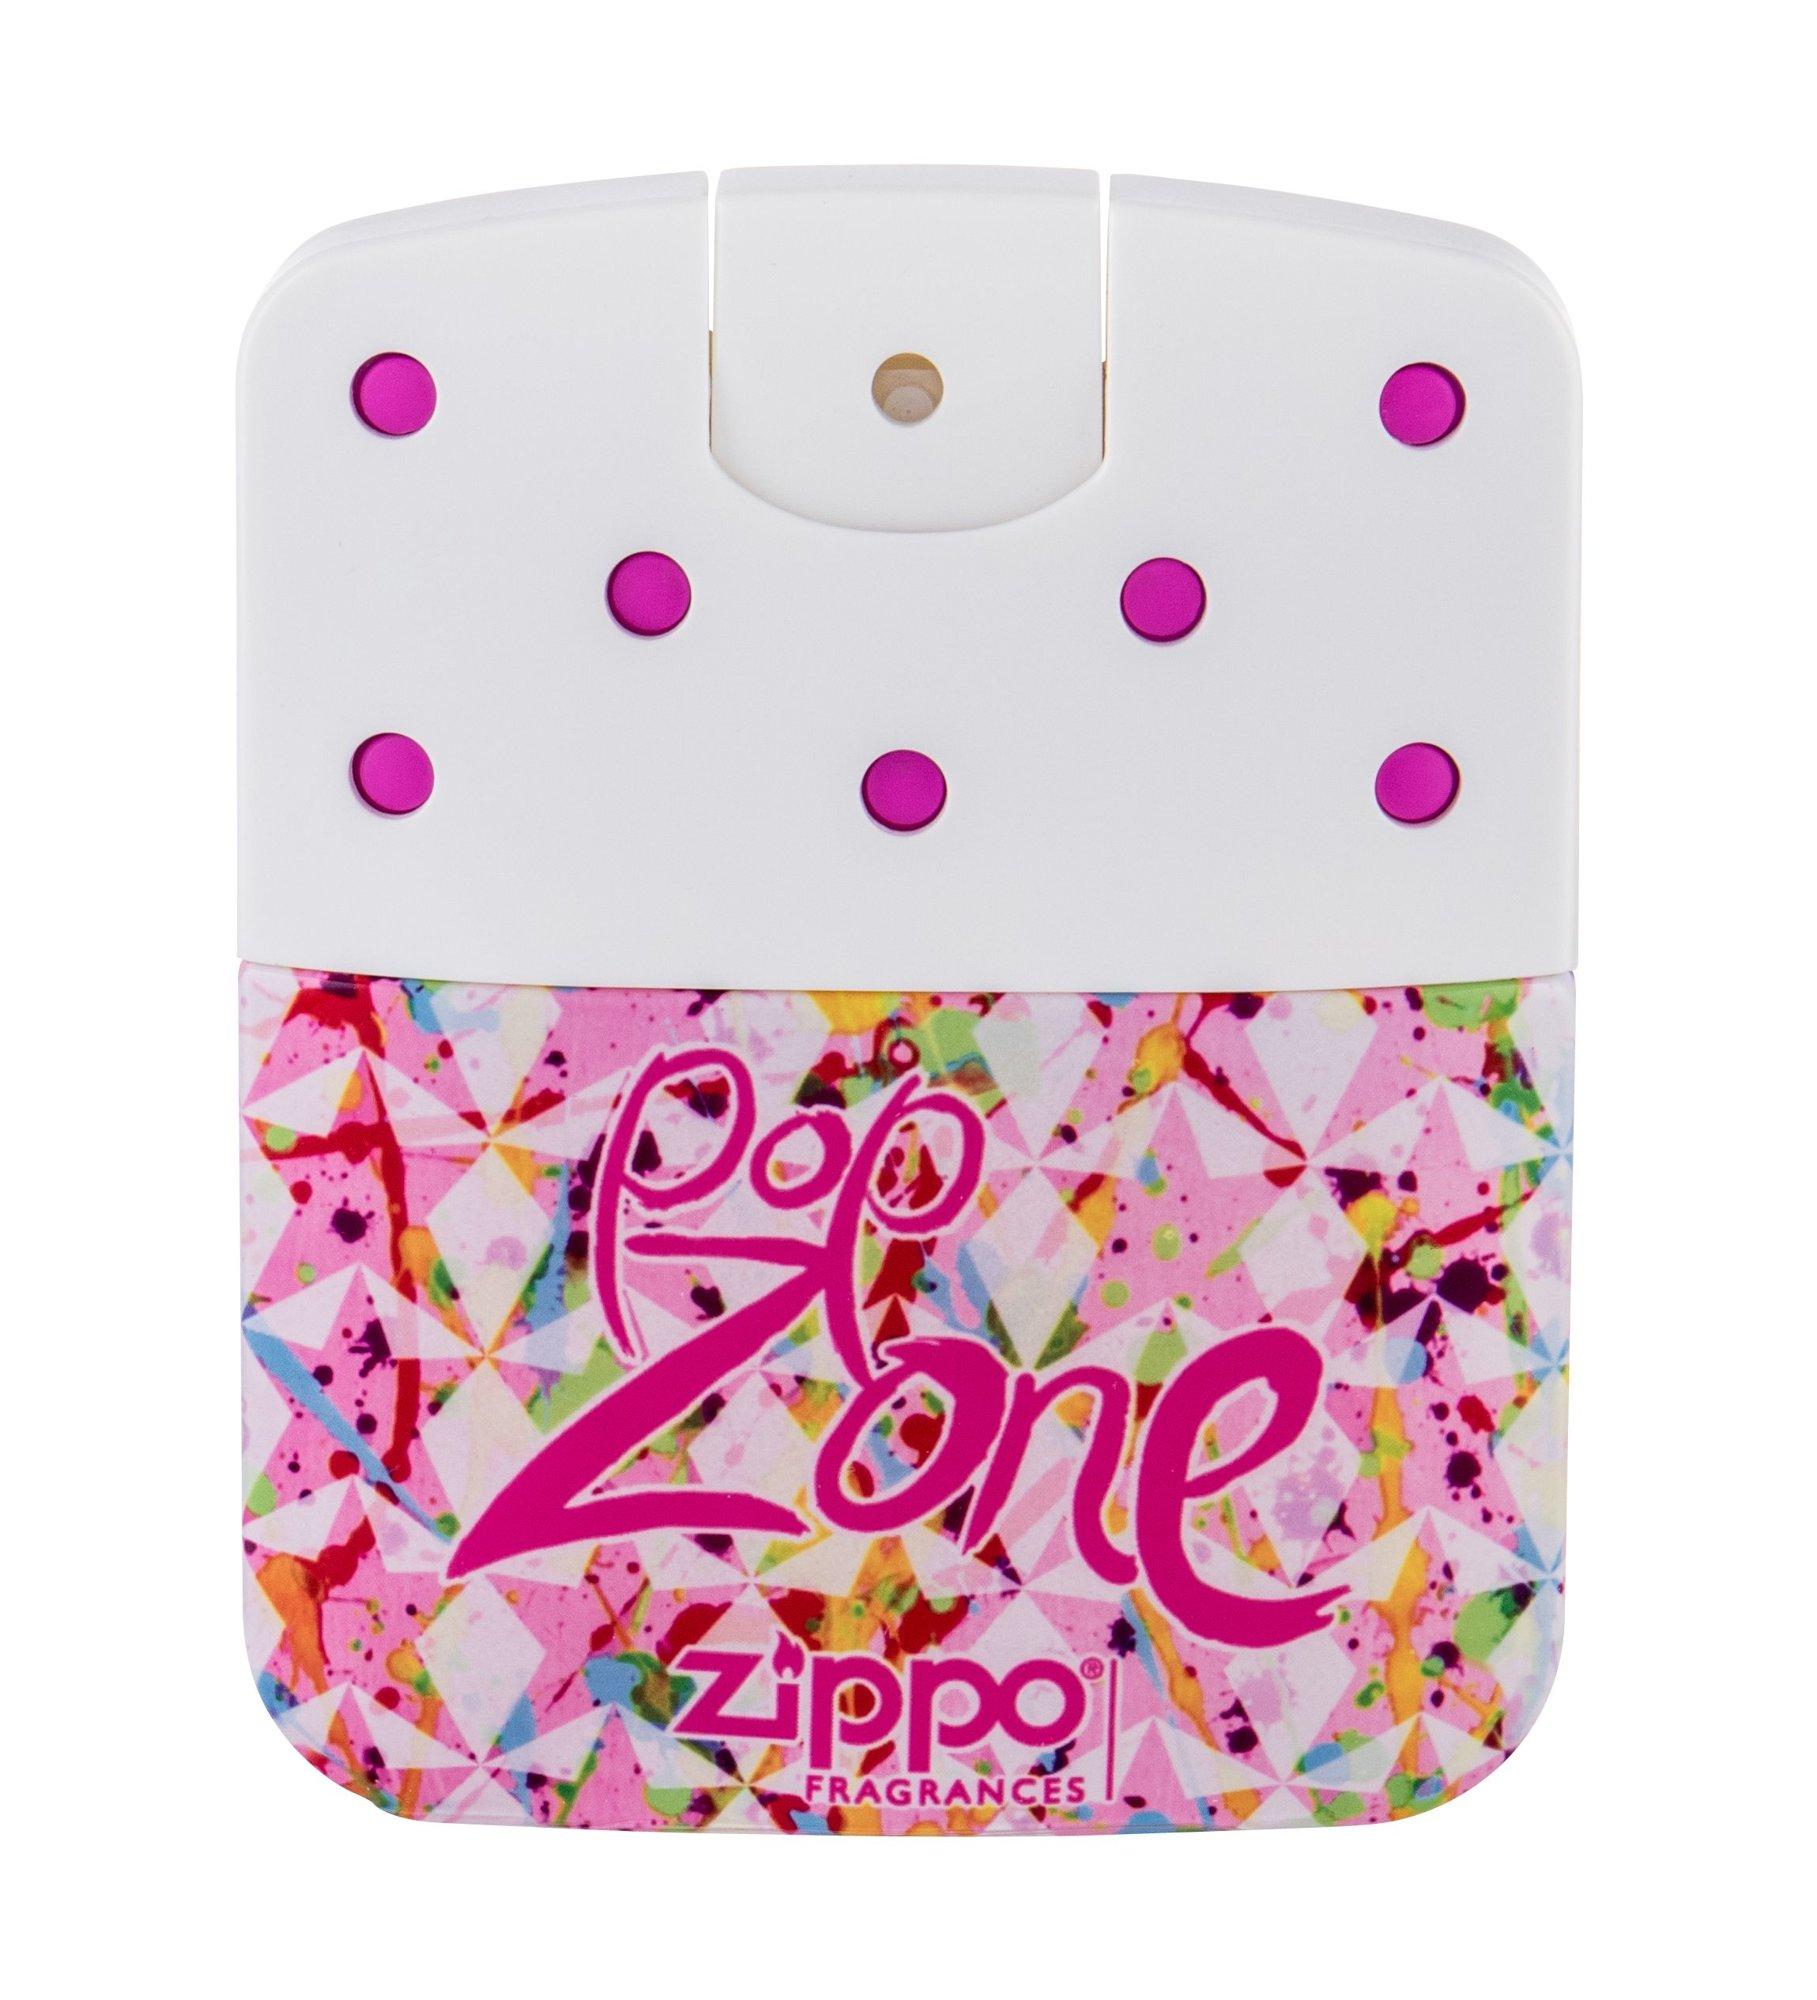 Zippo Fragrances Popzone Eau de Toilette 40ml